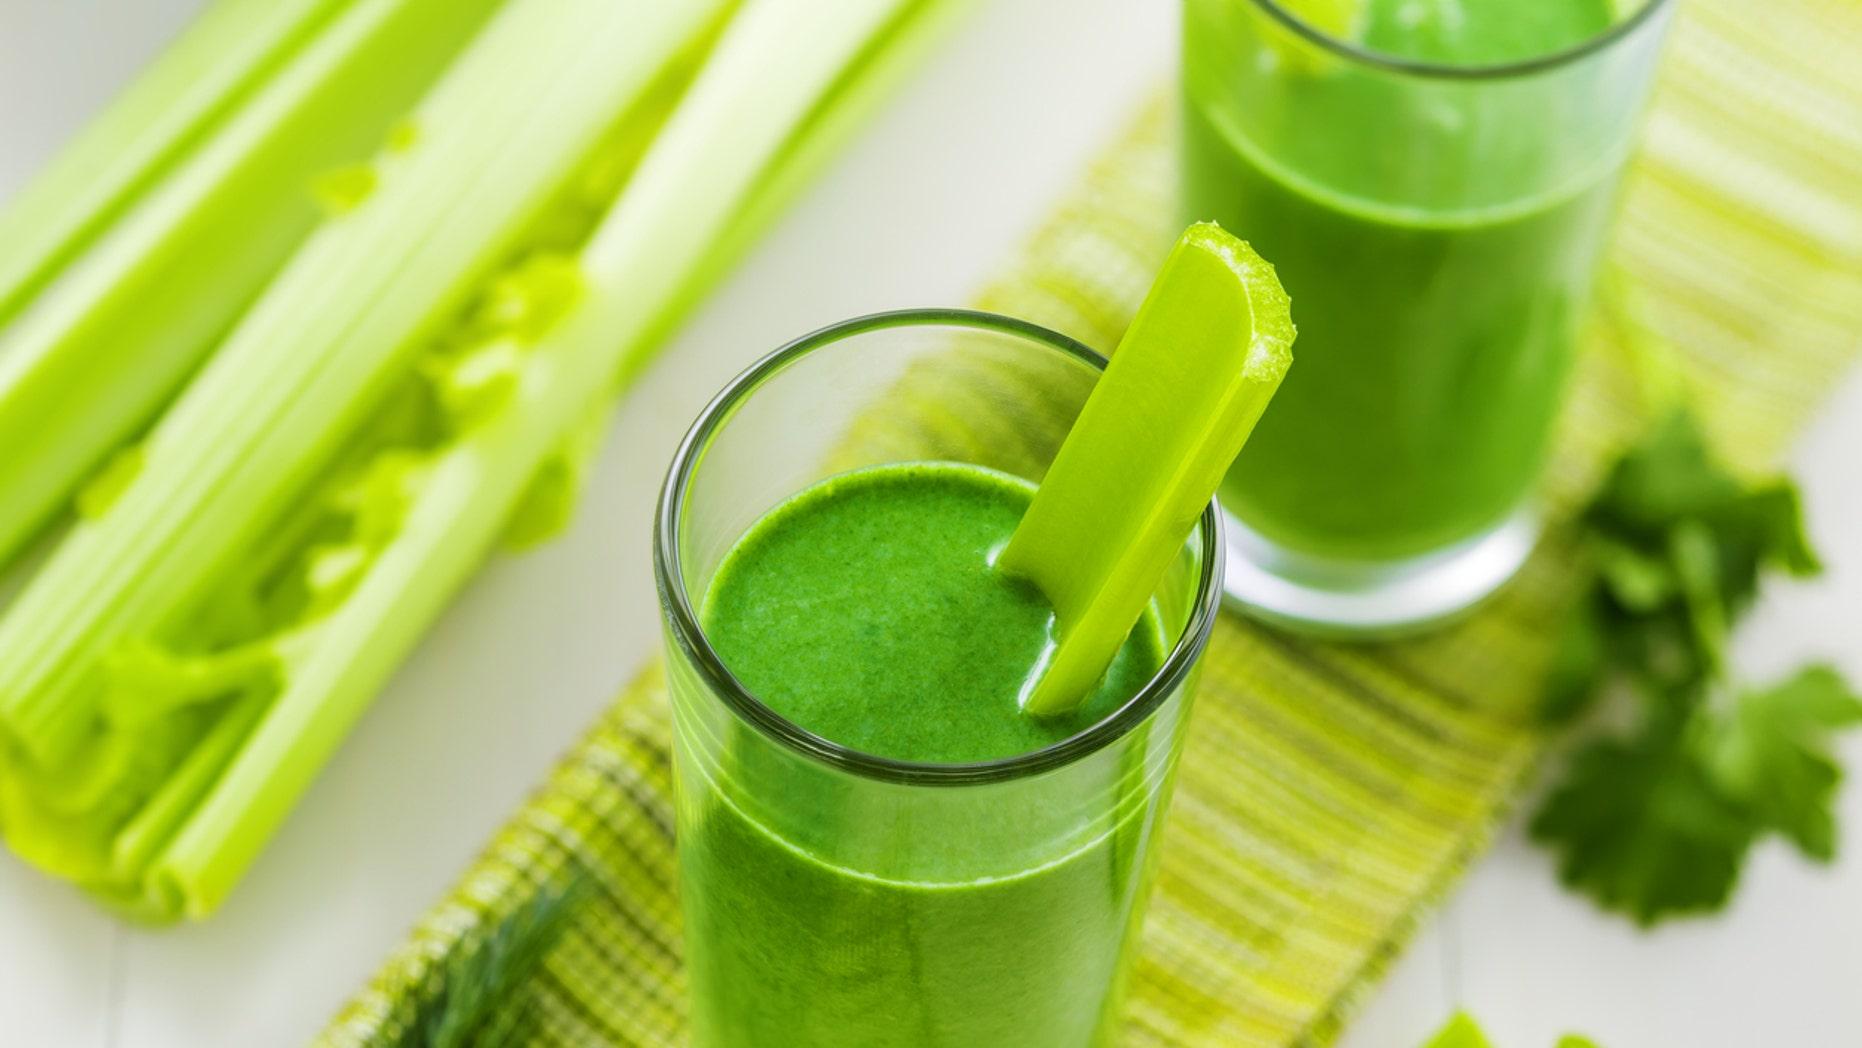 Experts weigh in on celery juice diet craze